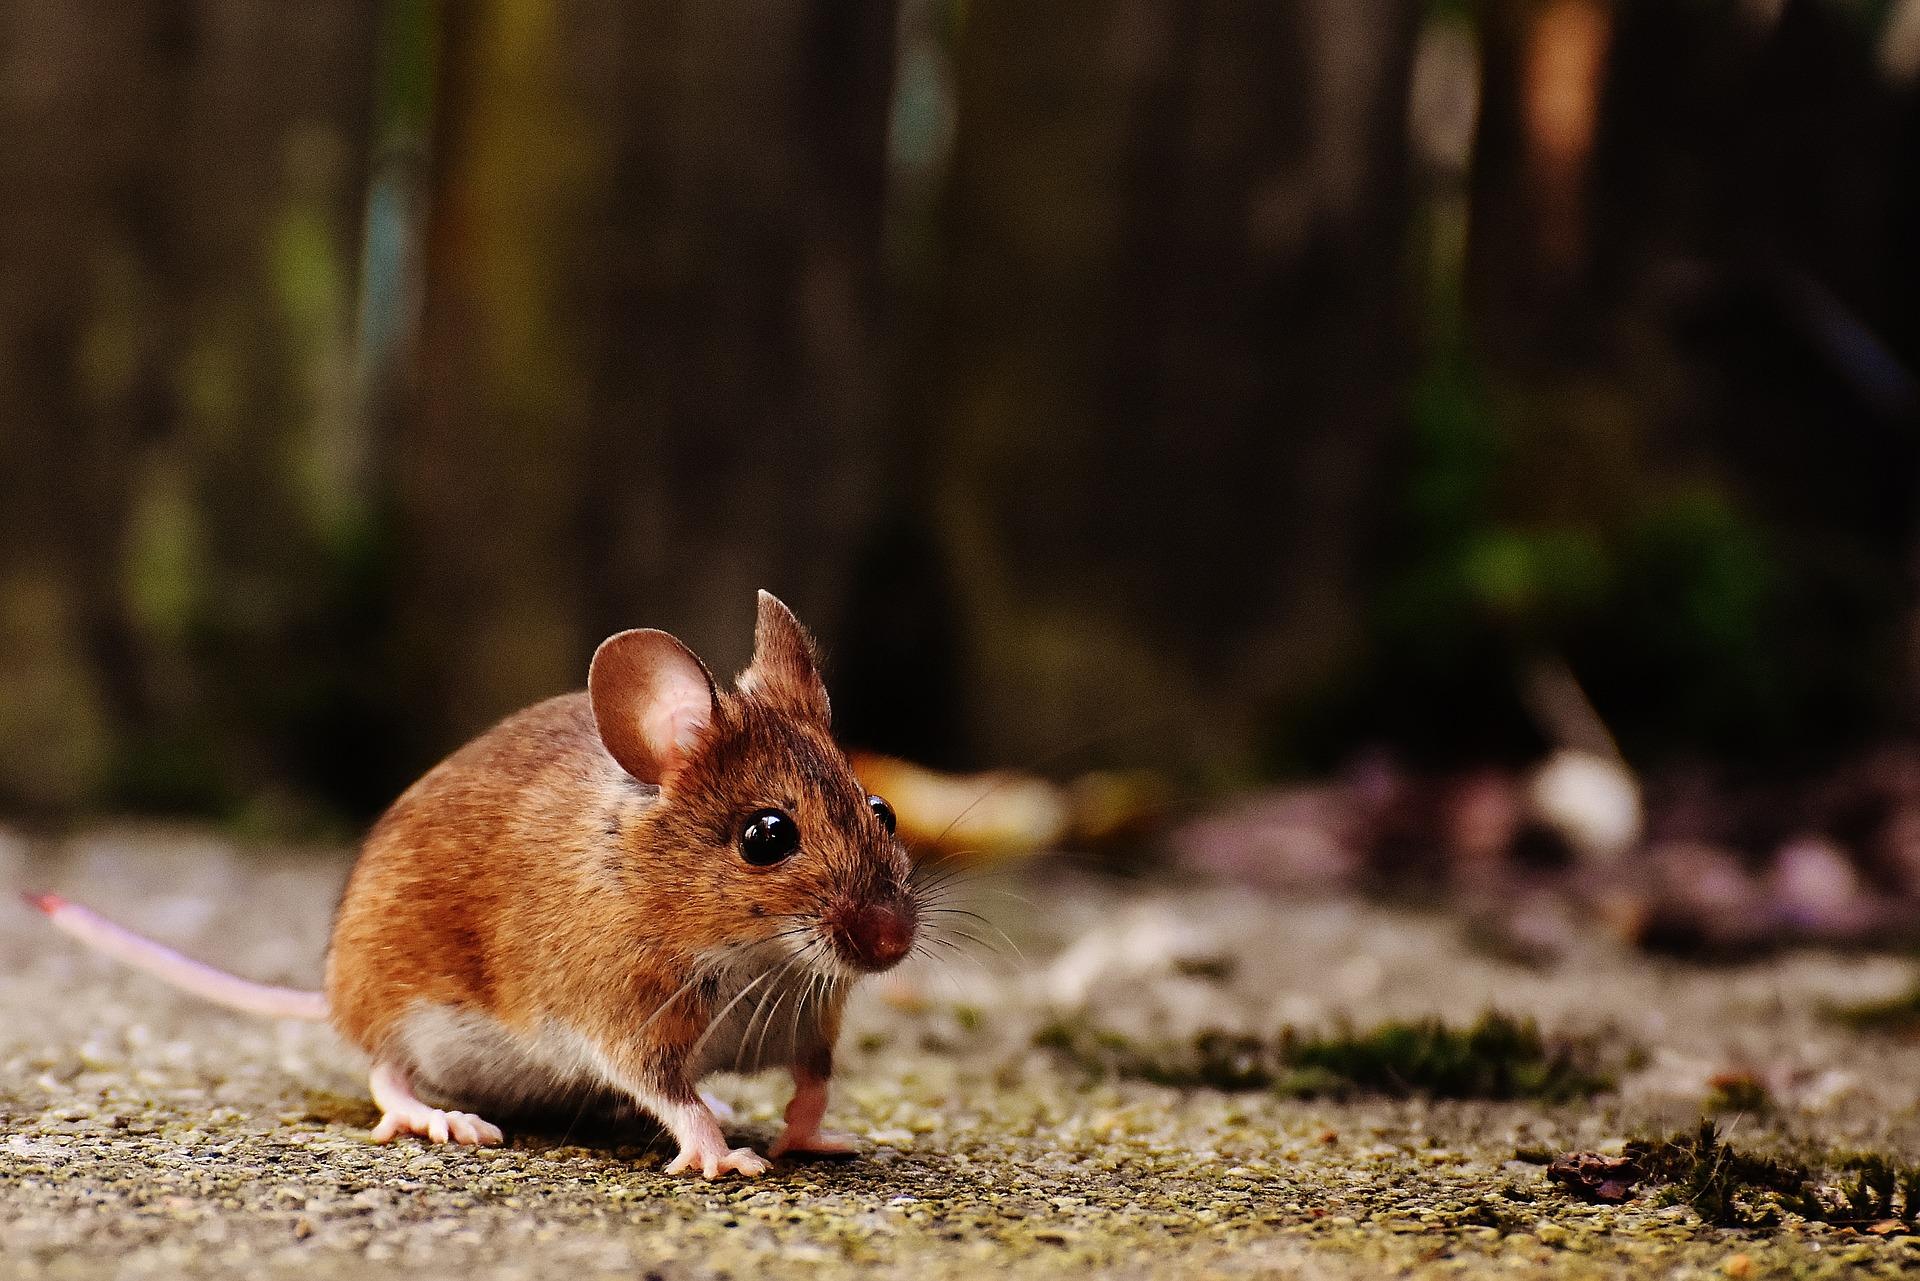 Muizenplaag in huis #muizen #muizenplaag